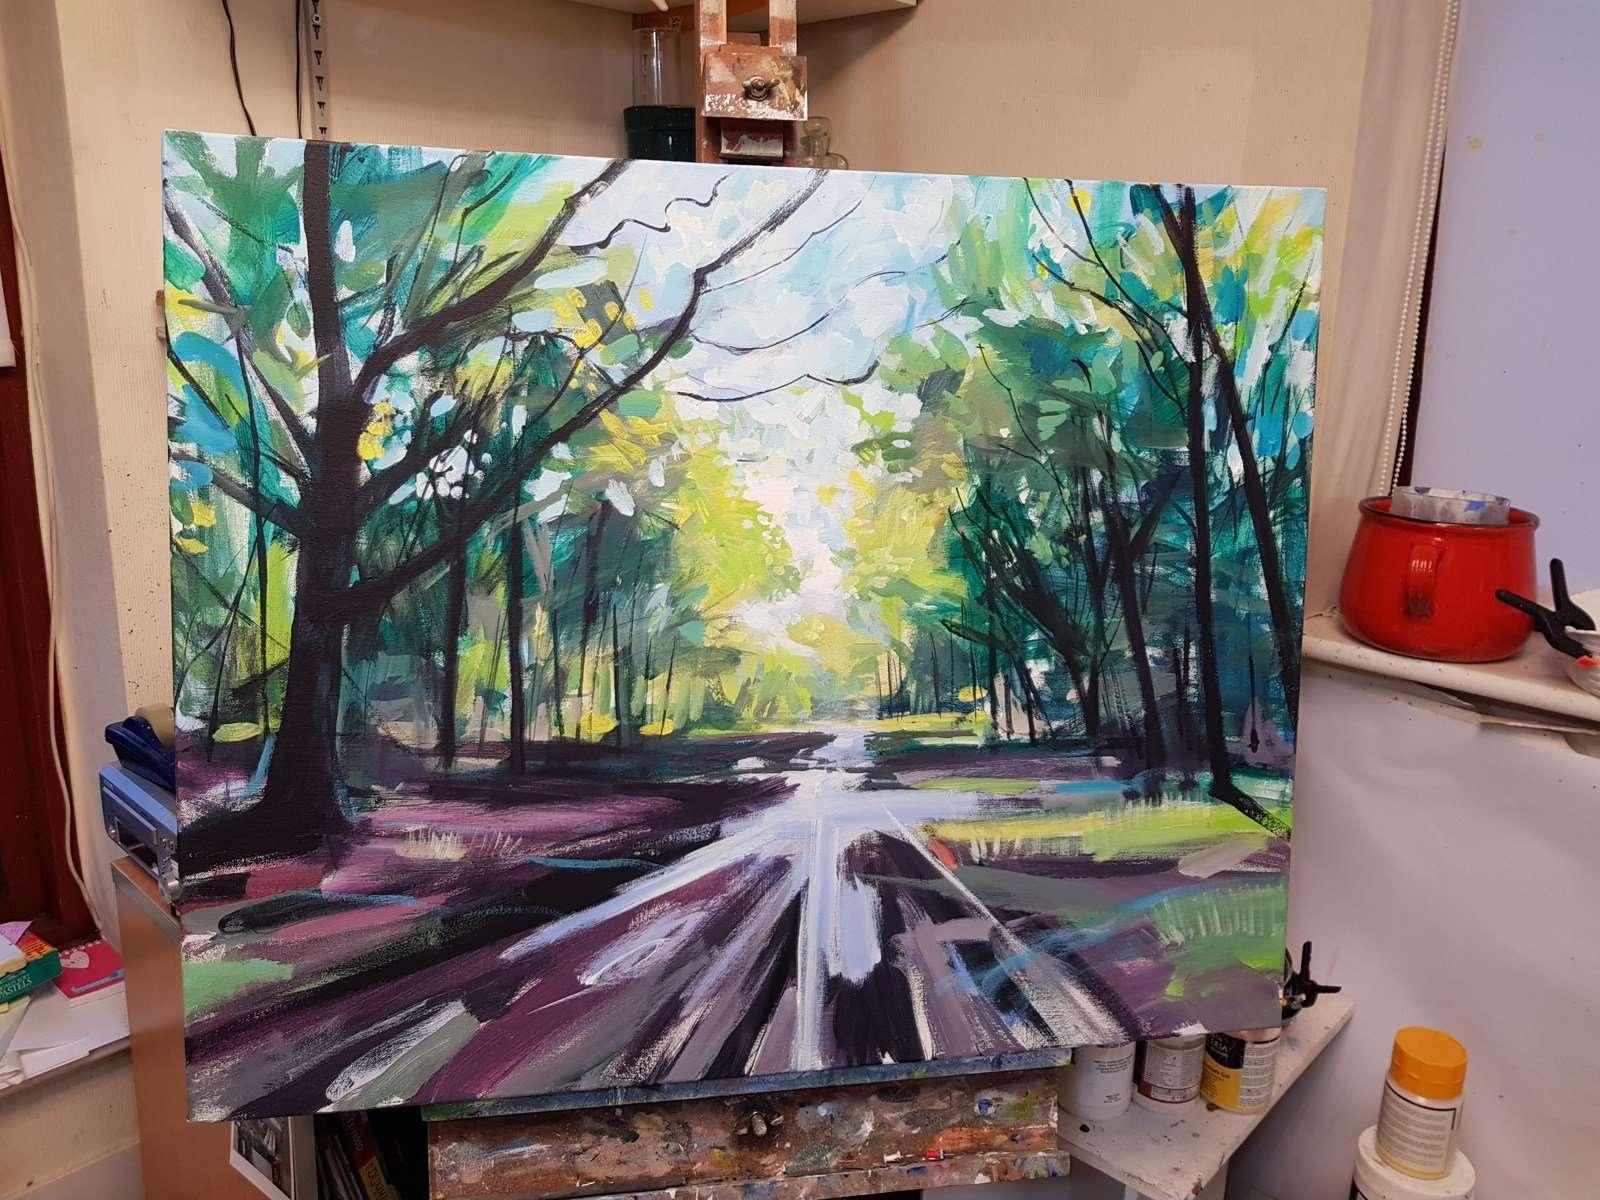 Puddles - Landscape painting studio view